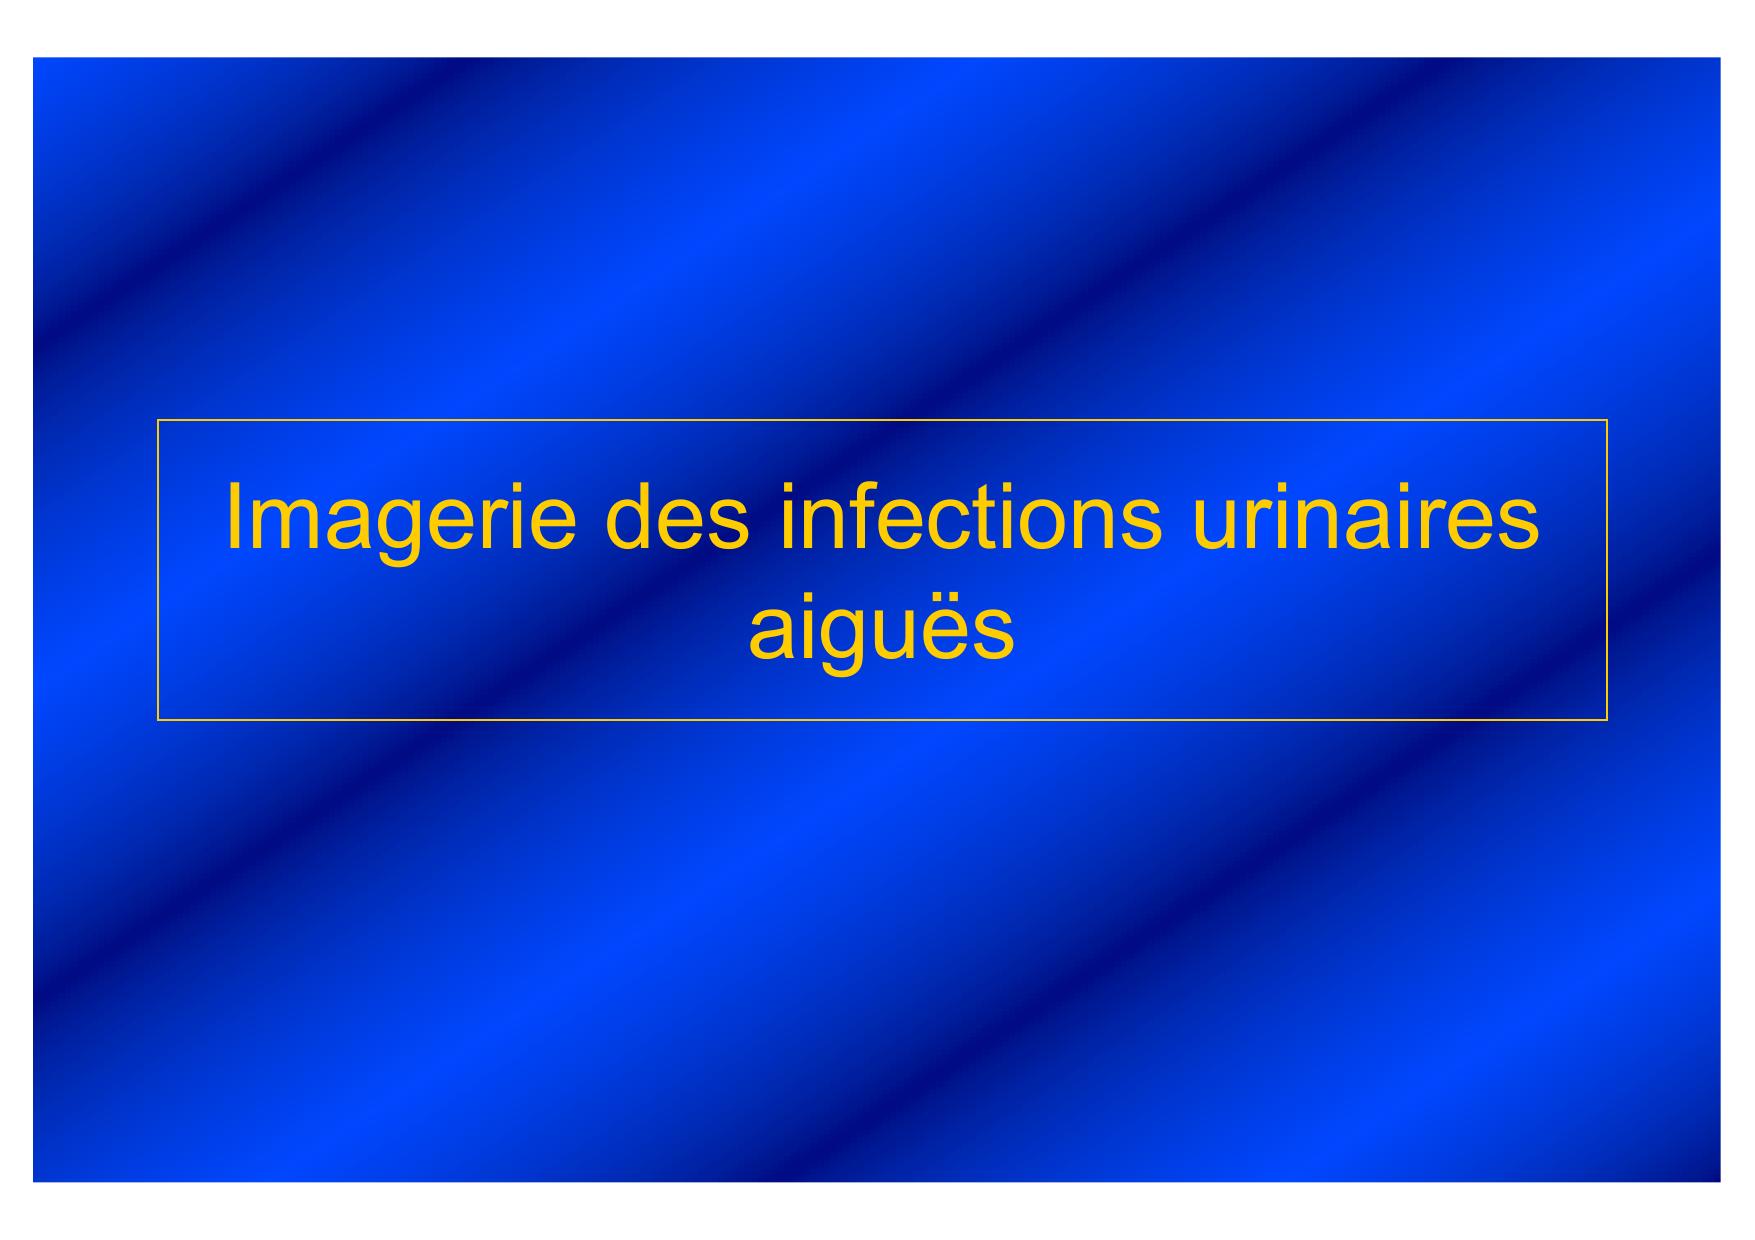 Imagerie des infections urinaires aiguës .PDF